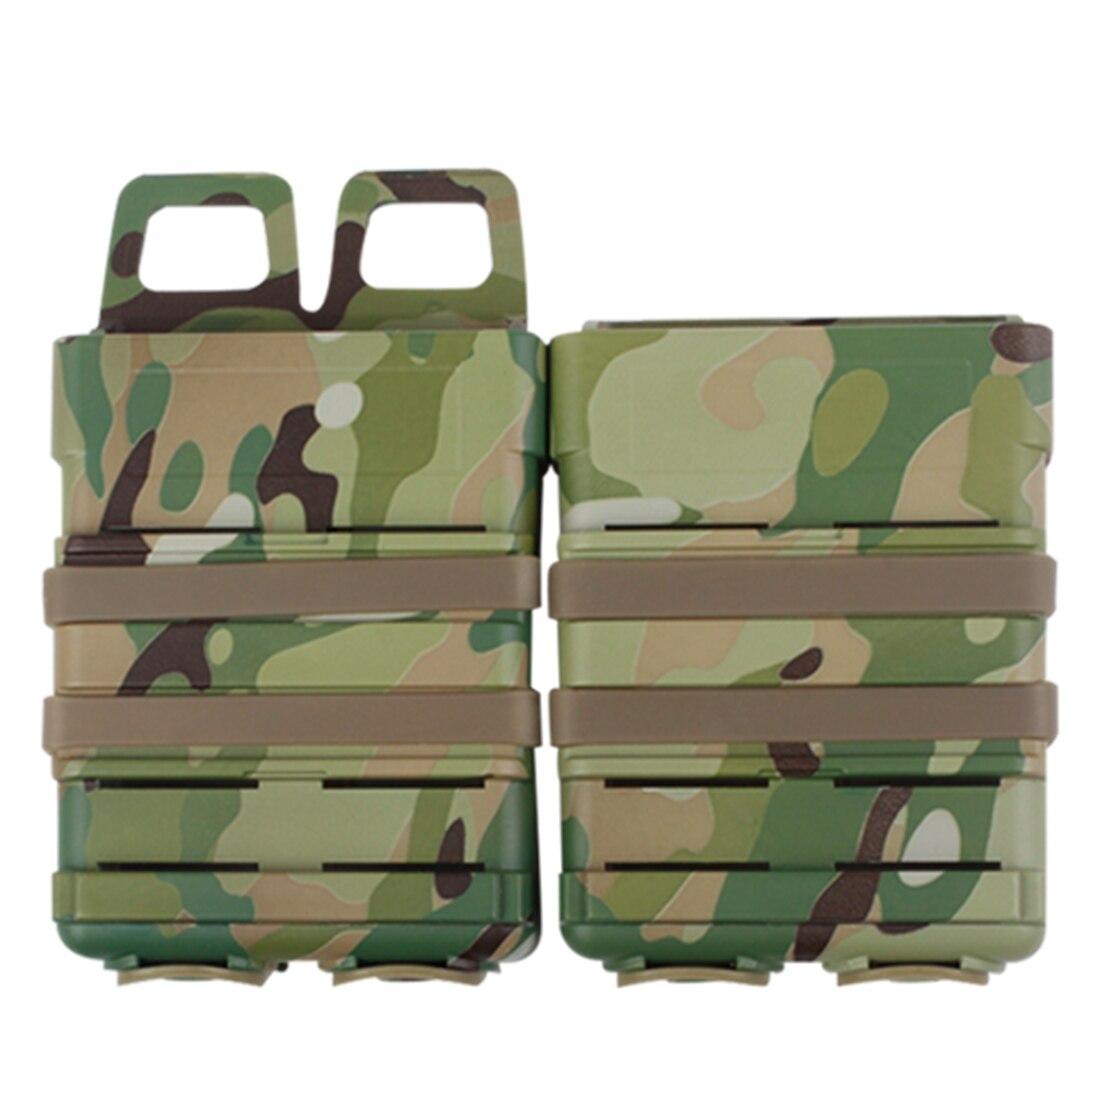 2 pièces tactique 5.56 Version WST Camouflage rapide Mag dans les poches Magazine poche de tirage rapide pour extérieur Airsoft chasse Waregame